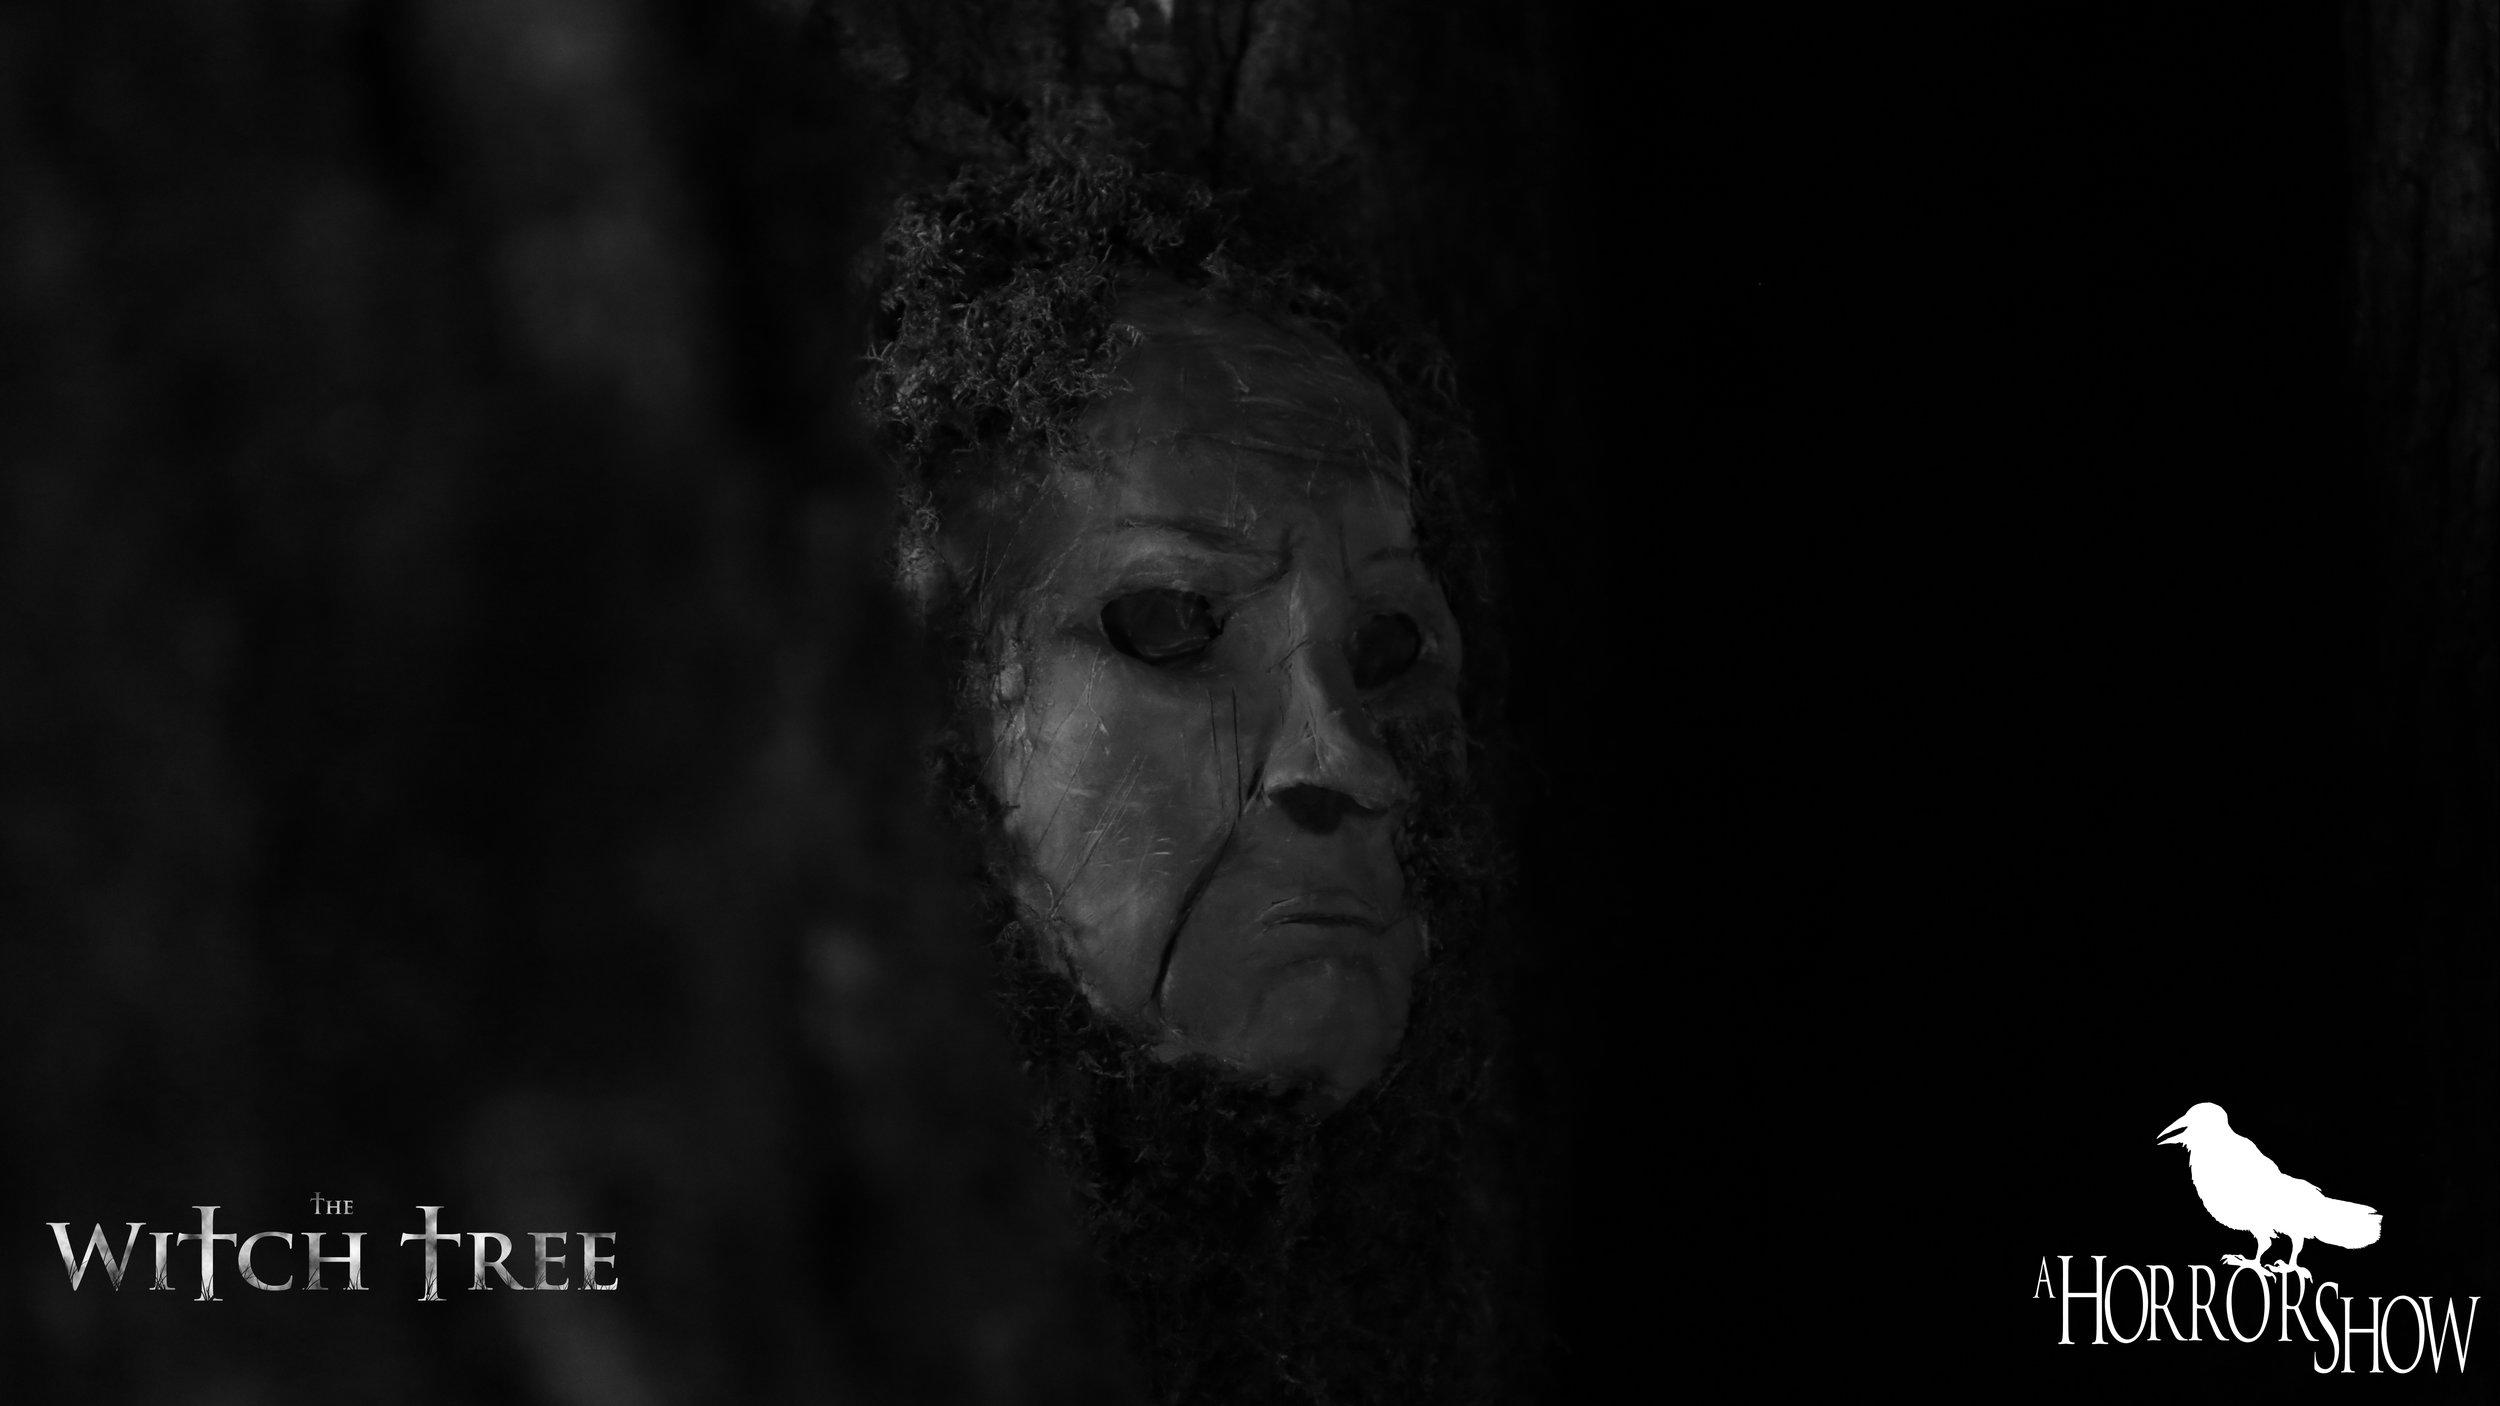 THE WITCH TREE BTS STILLS_054.JPG